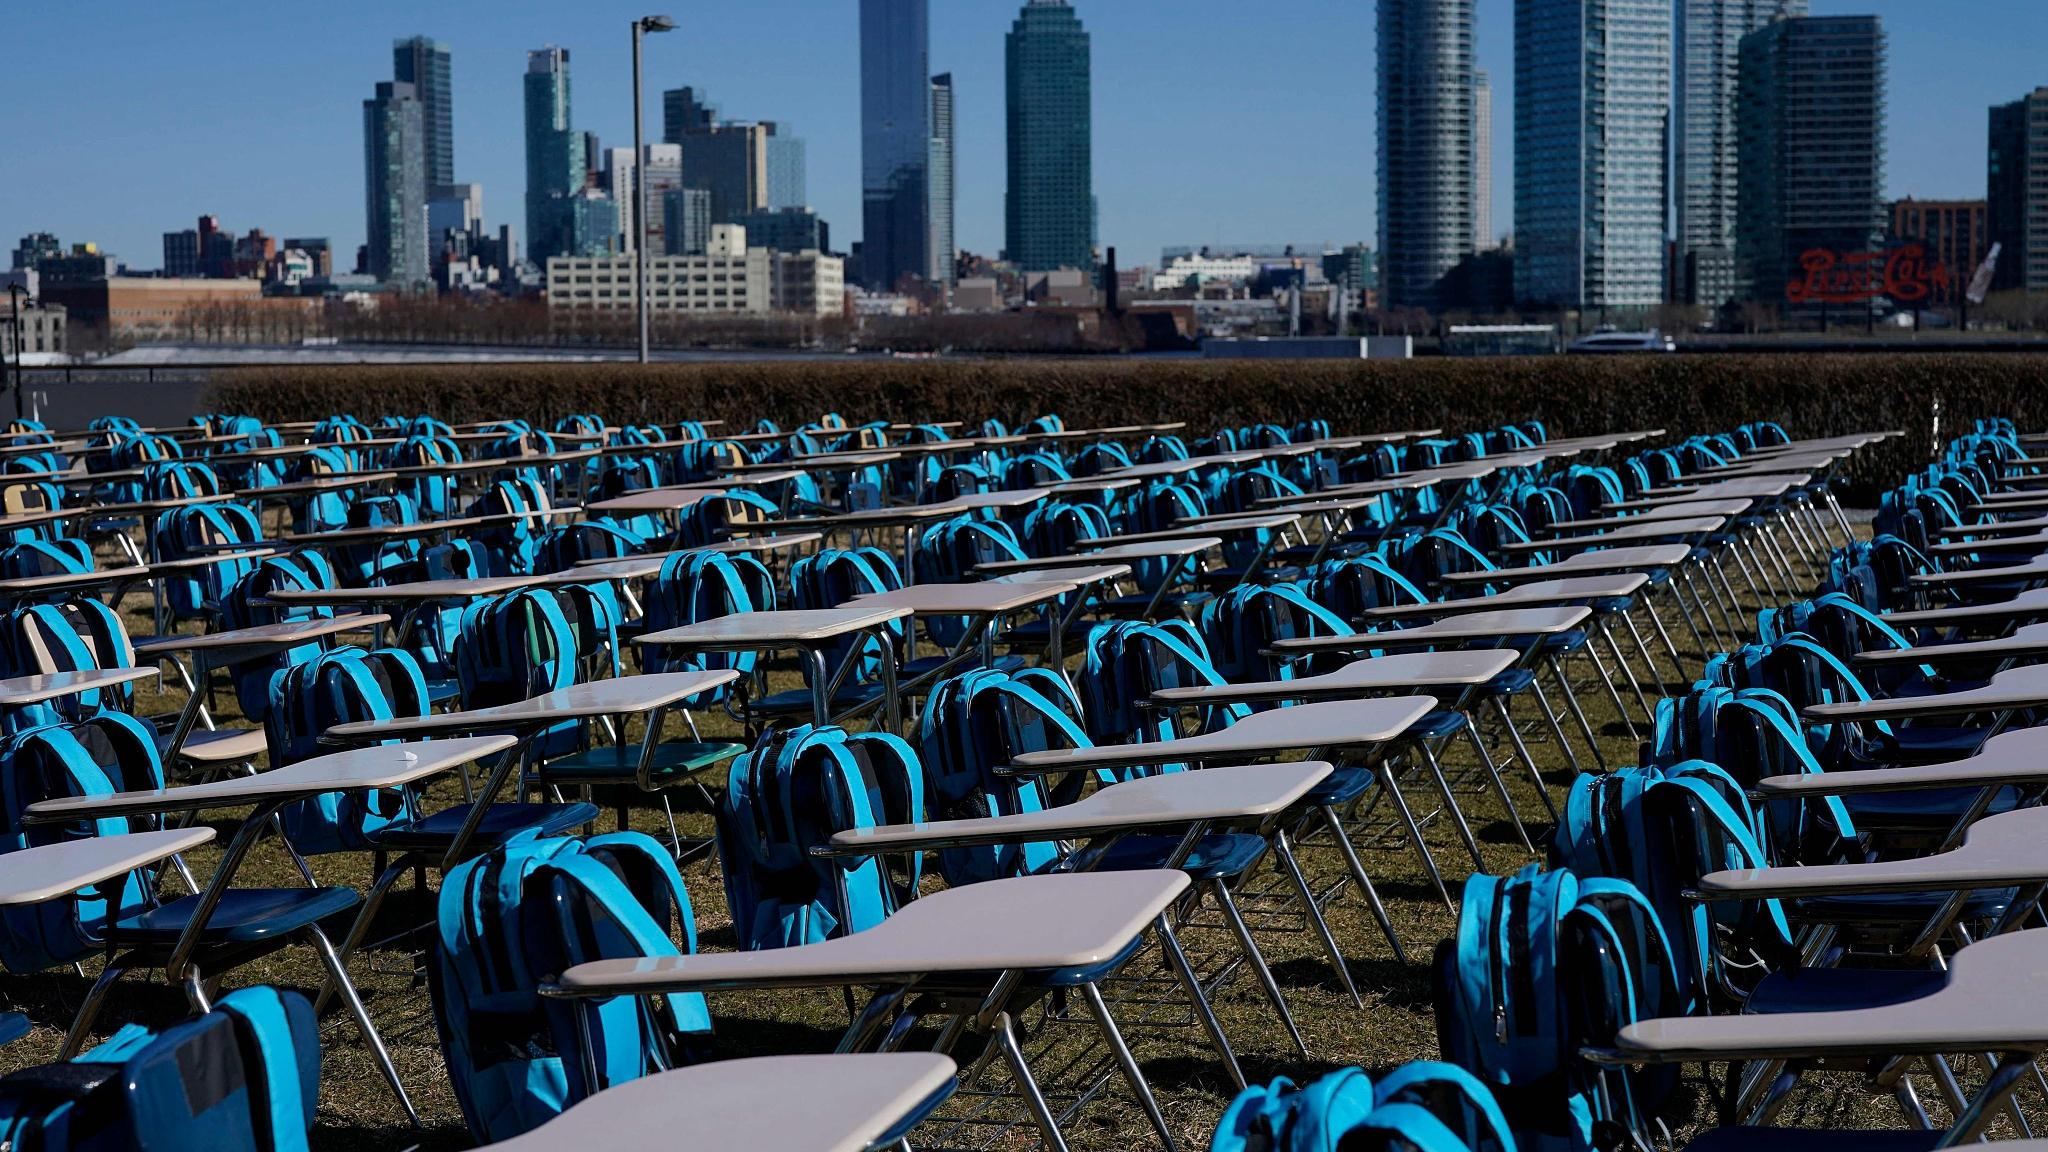 Снимок дня. ООН установила инсталляцию из 168 пустых парт